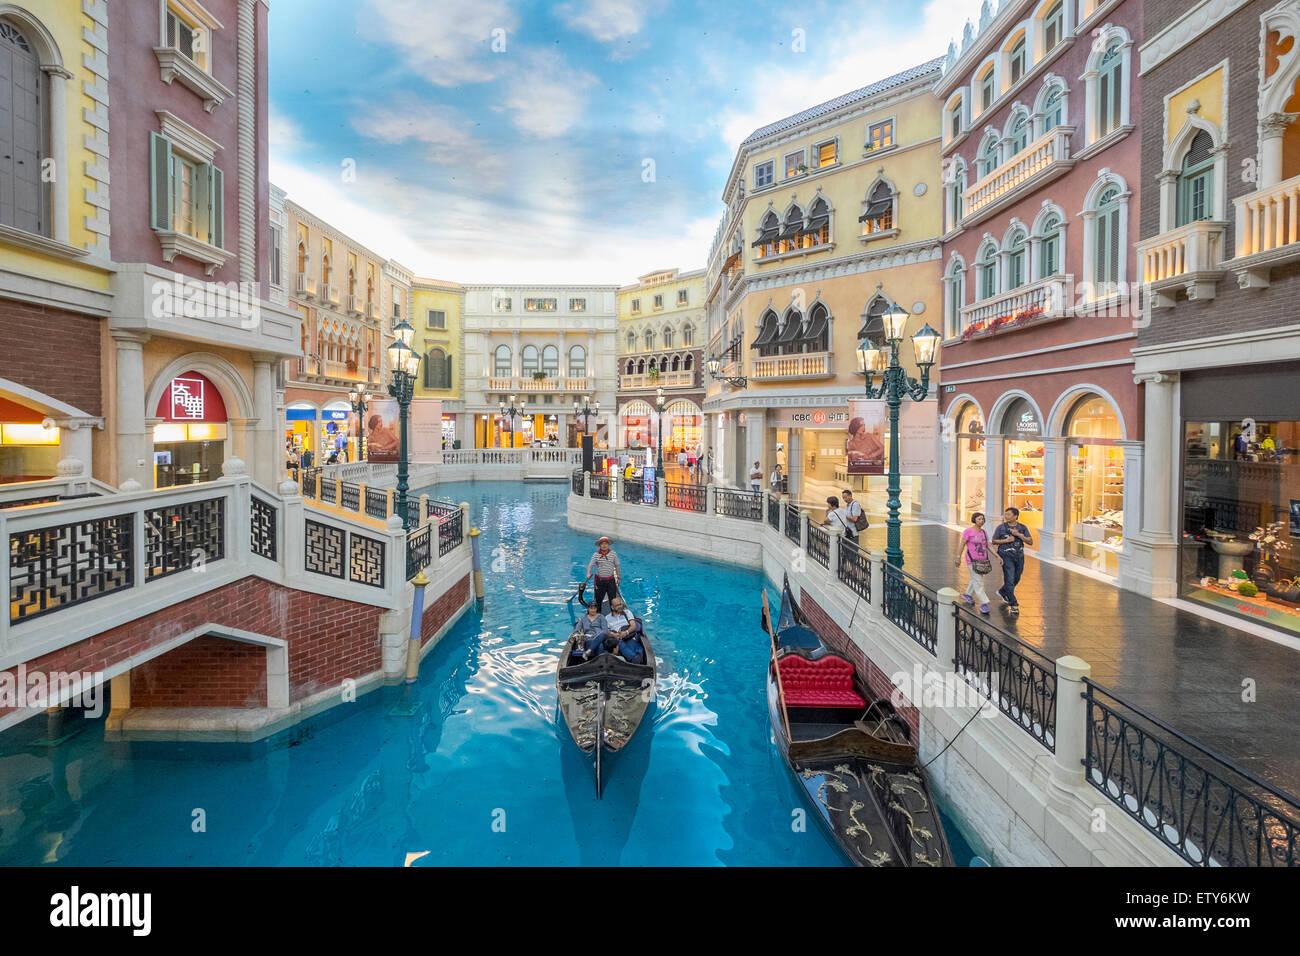 Canal y la góndola en canal dentro del hotel y casino Venetian Macao en Macao, China Imagen De Stock